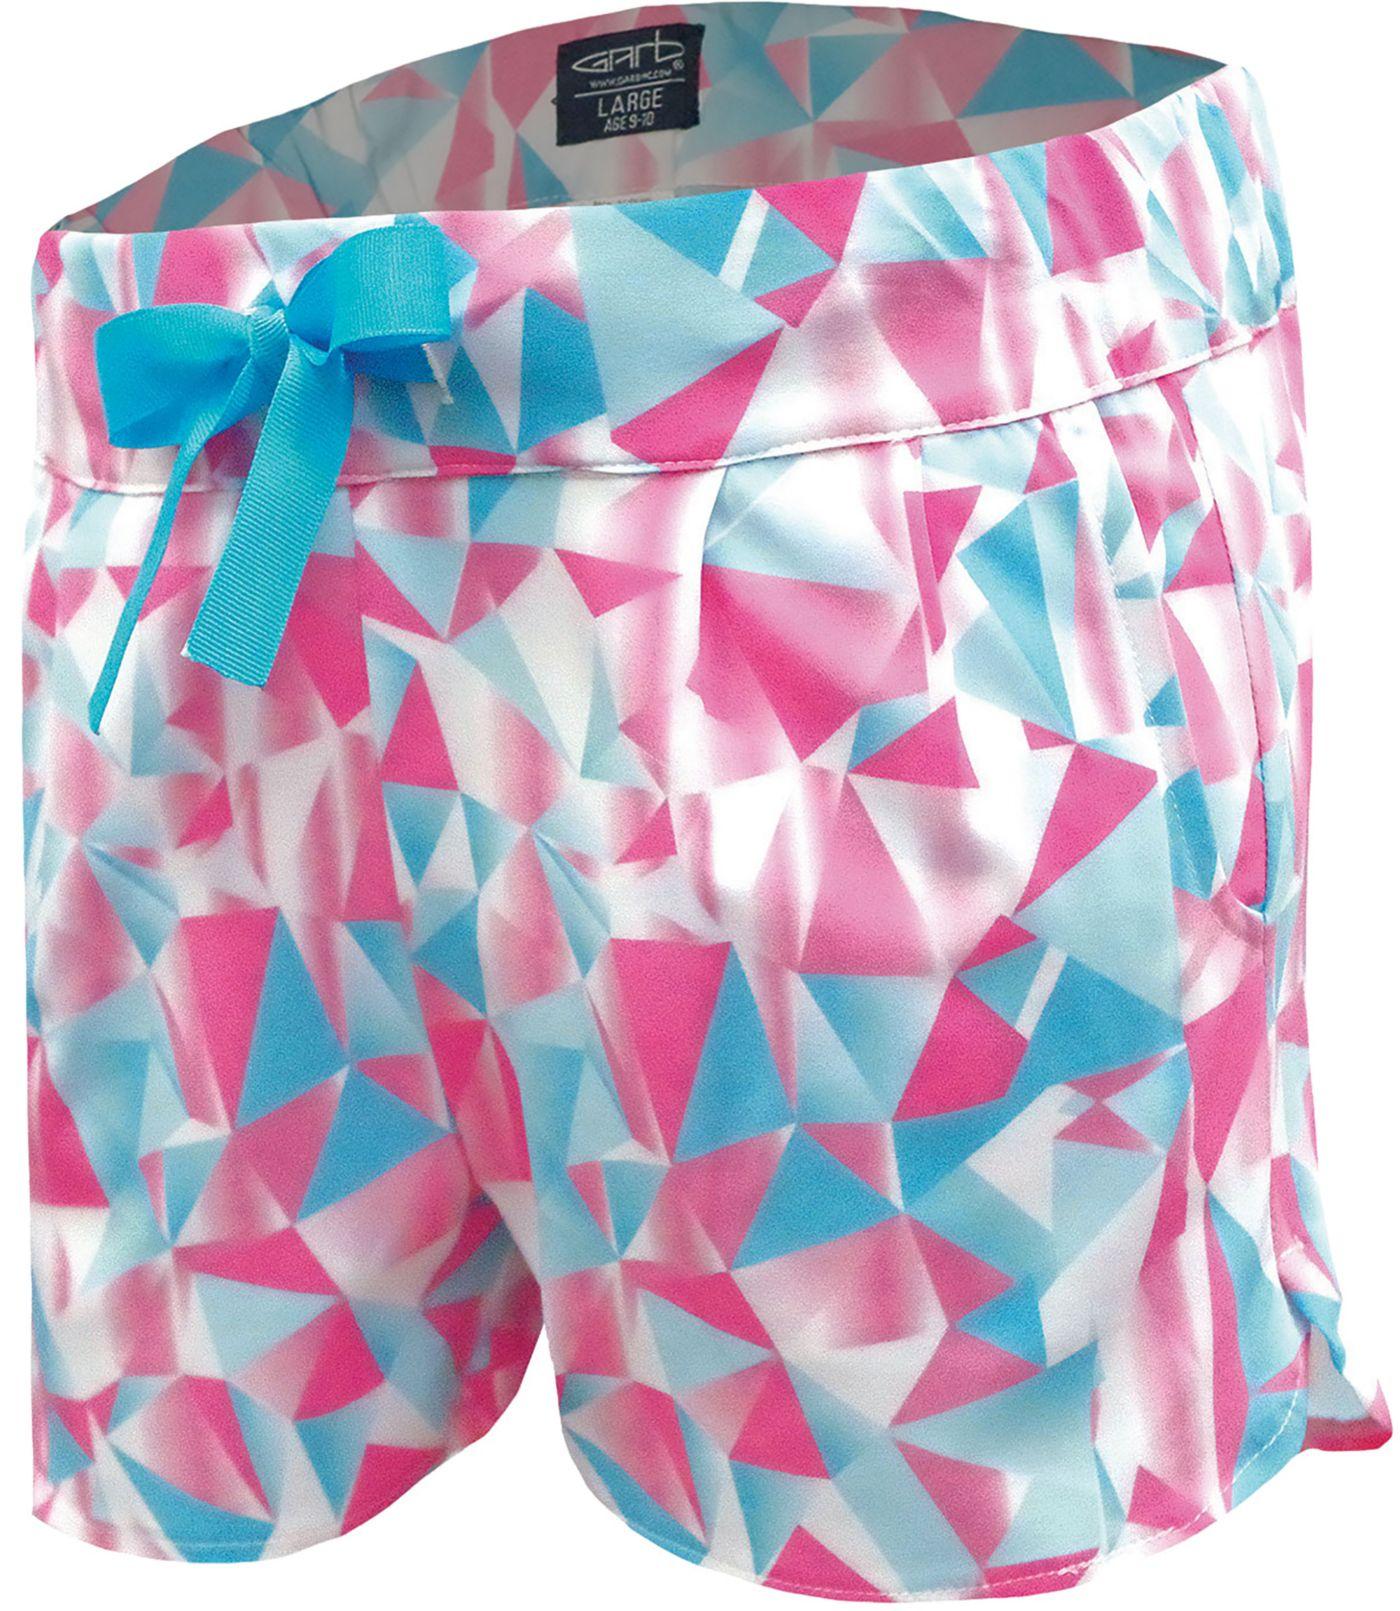 Garb Girls' Toddler Crystal Golf Shorts